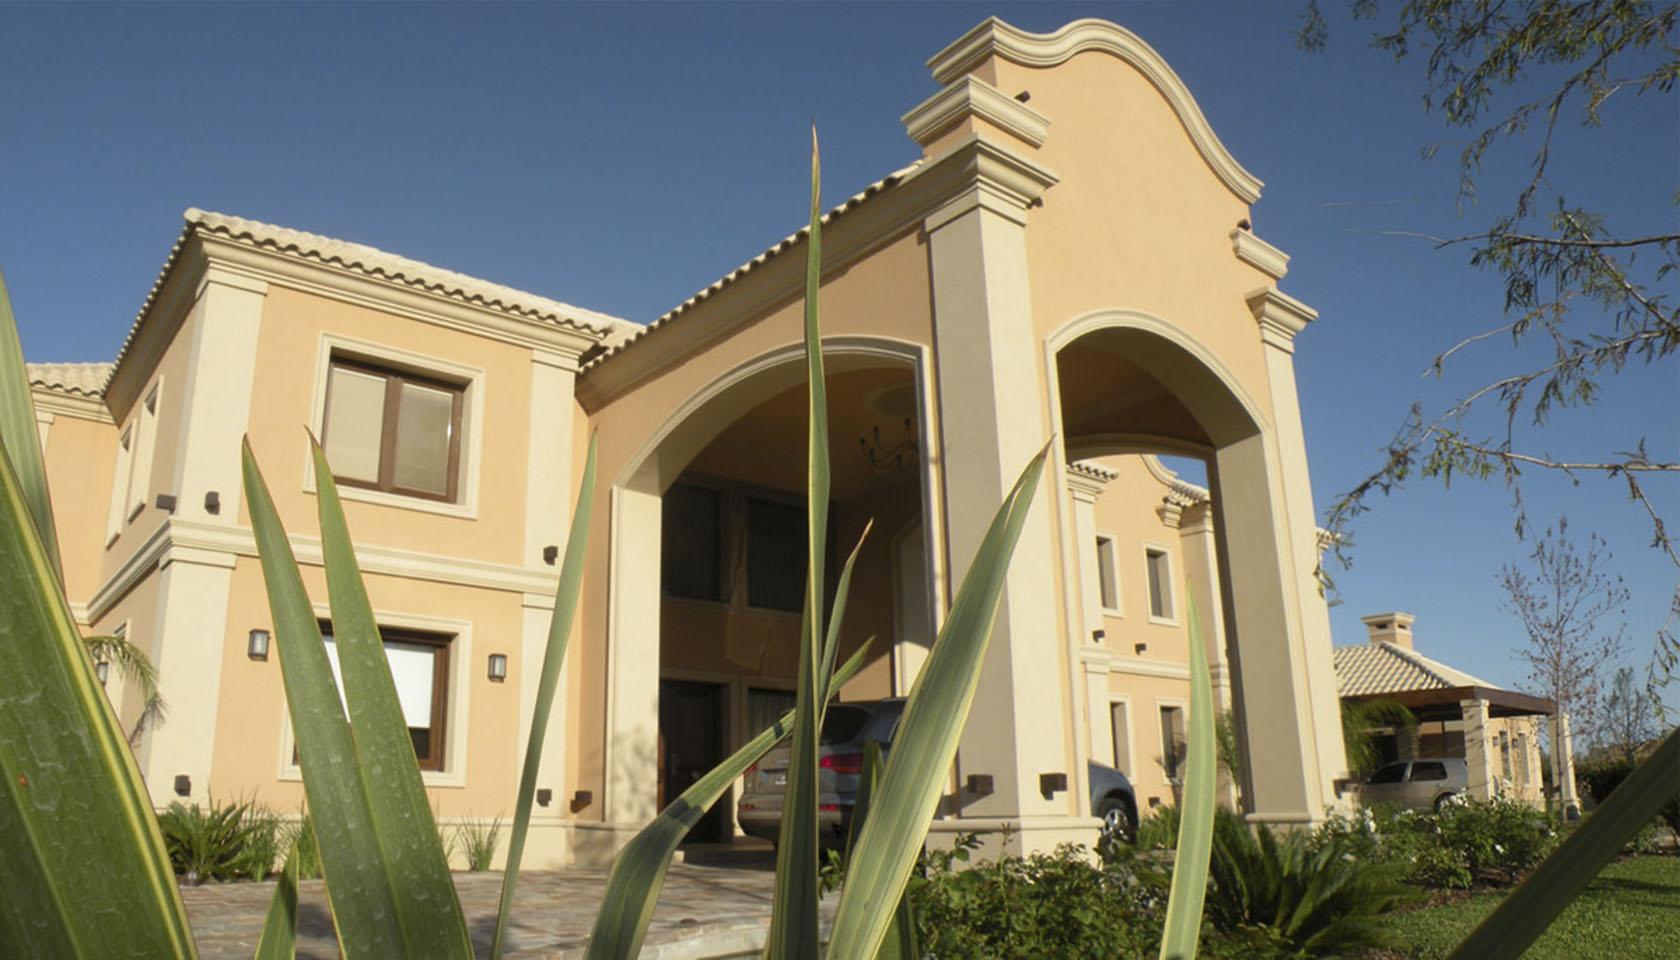 casas con ornamentos, fachadas con carpinterías de madera, diseño de ingresos semicubiertos